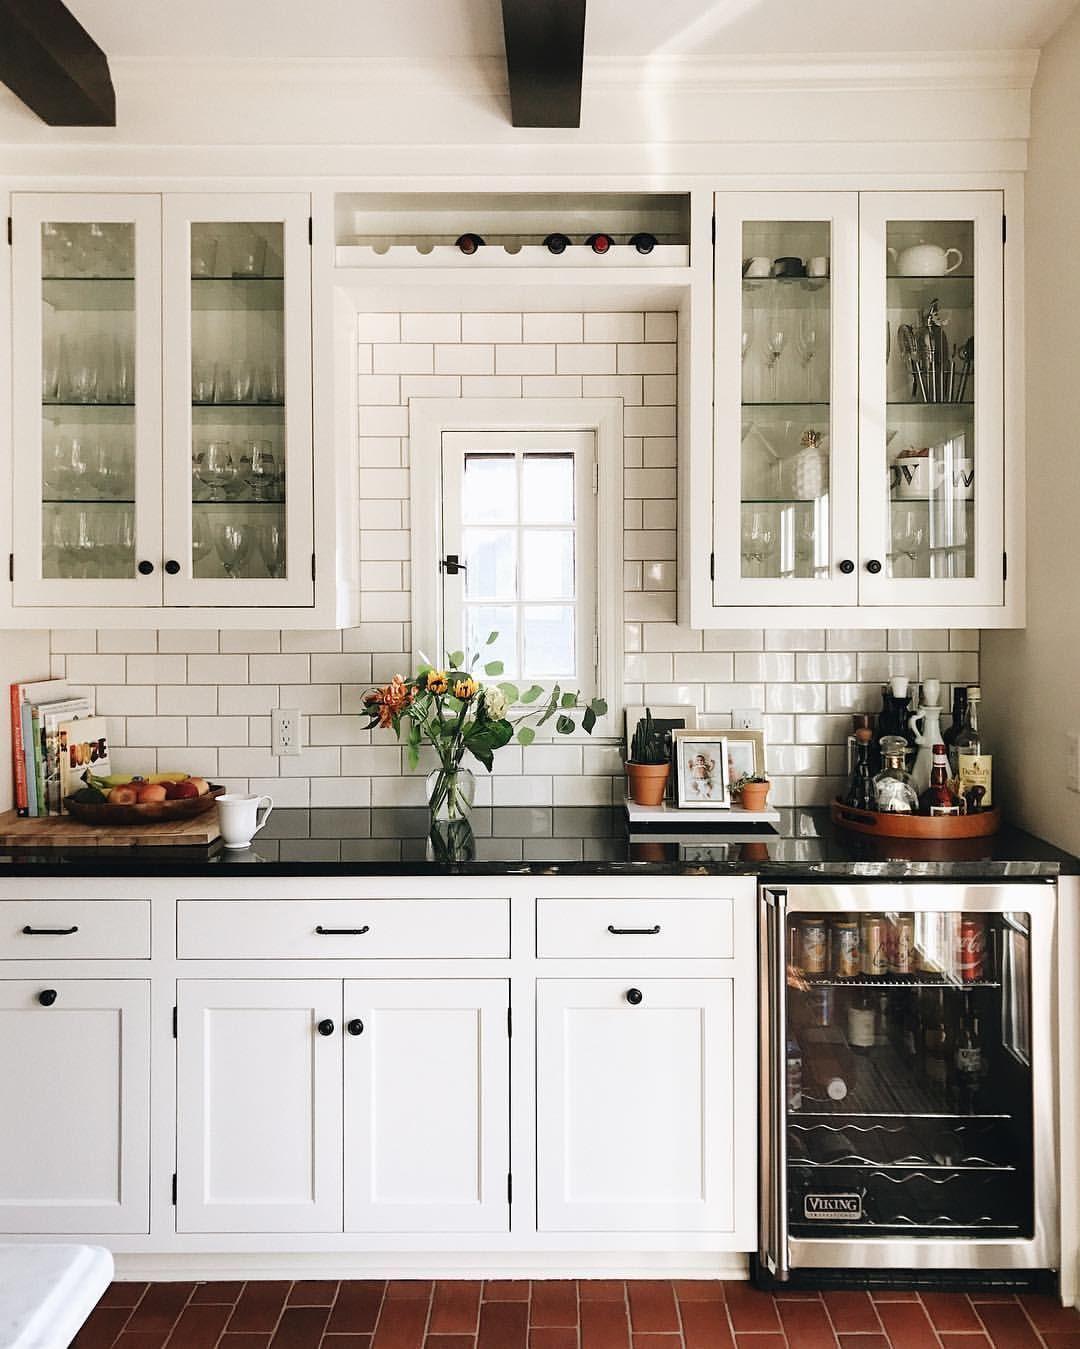 pin by slogan on house | arredamento, cucine contemporanee